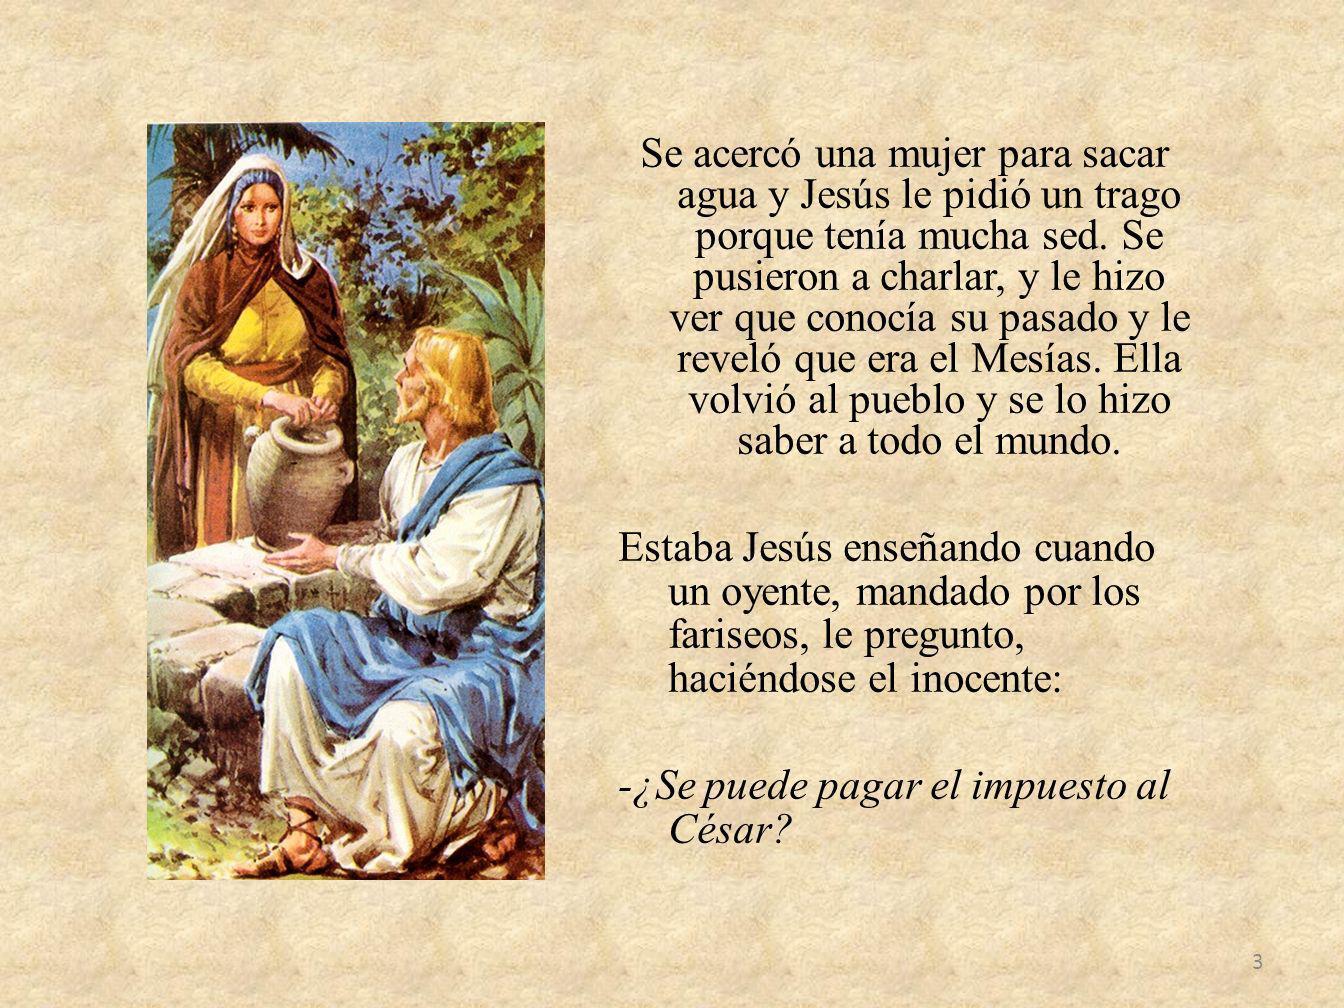 Se acercó una mujer para sacar agua y Jesús le pidió un trago porque tenía mucha sed.